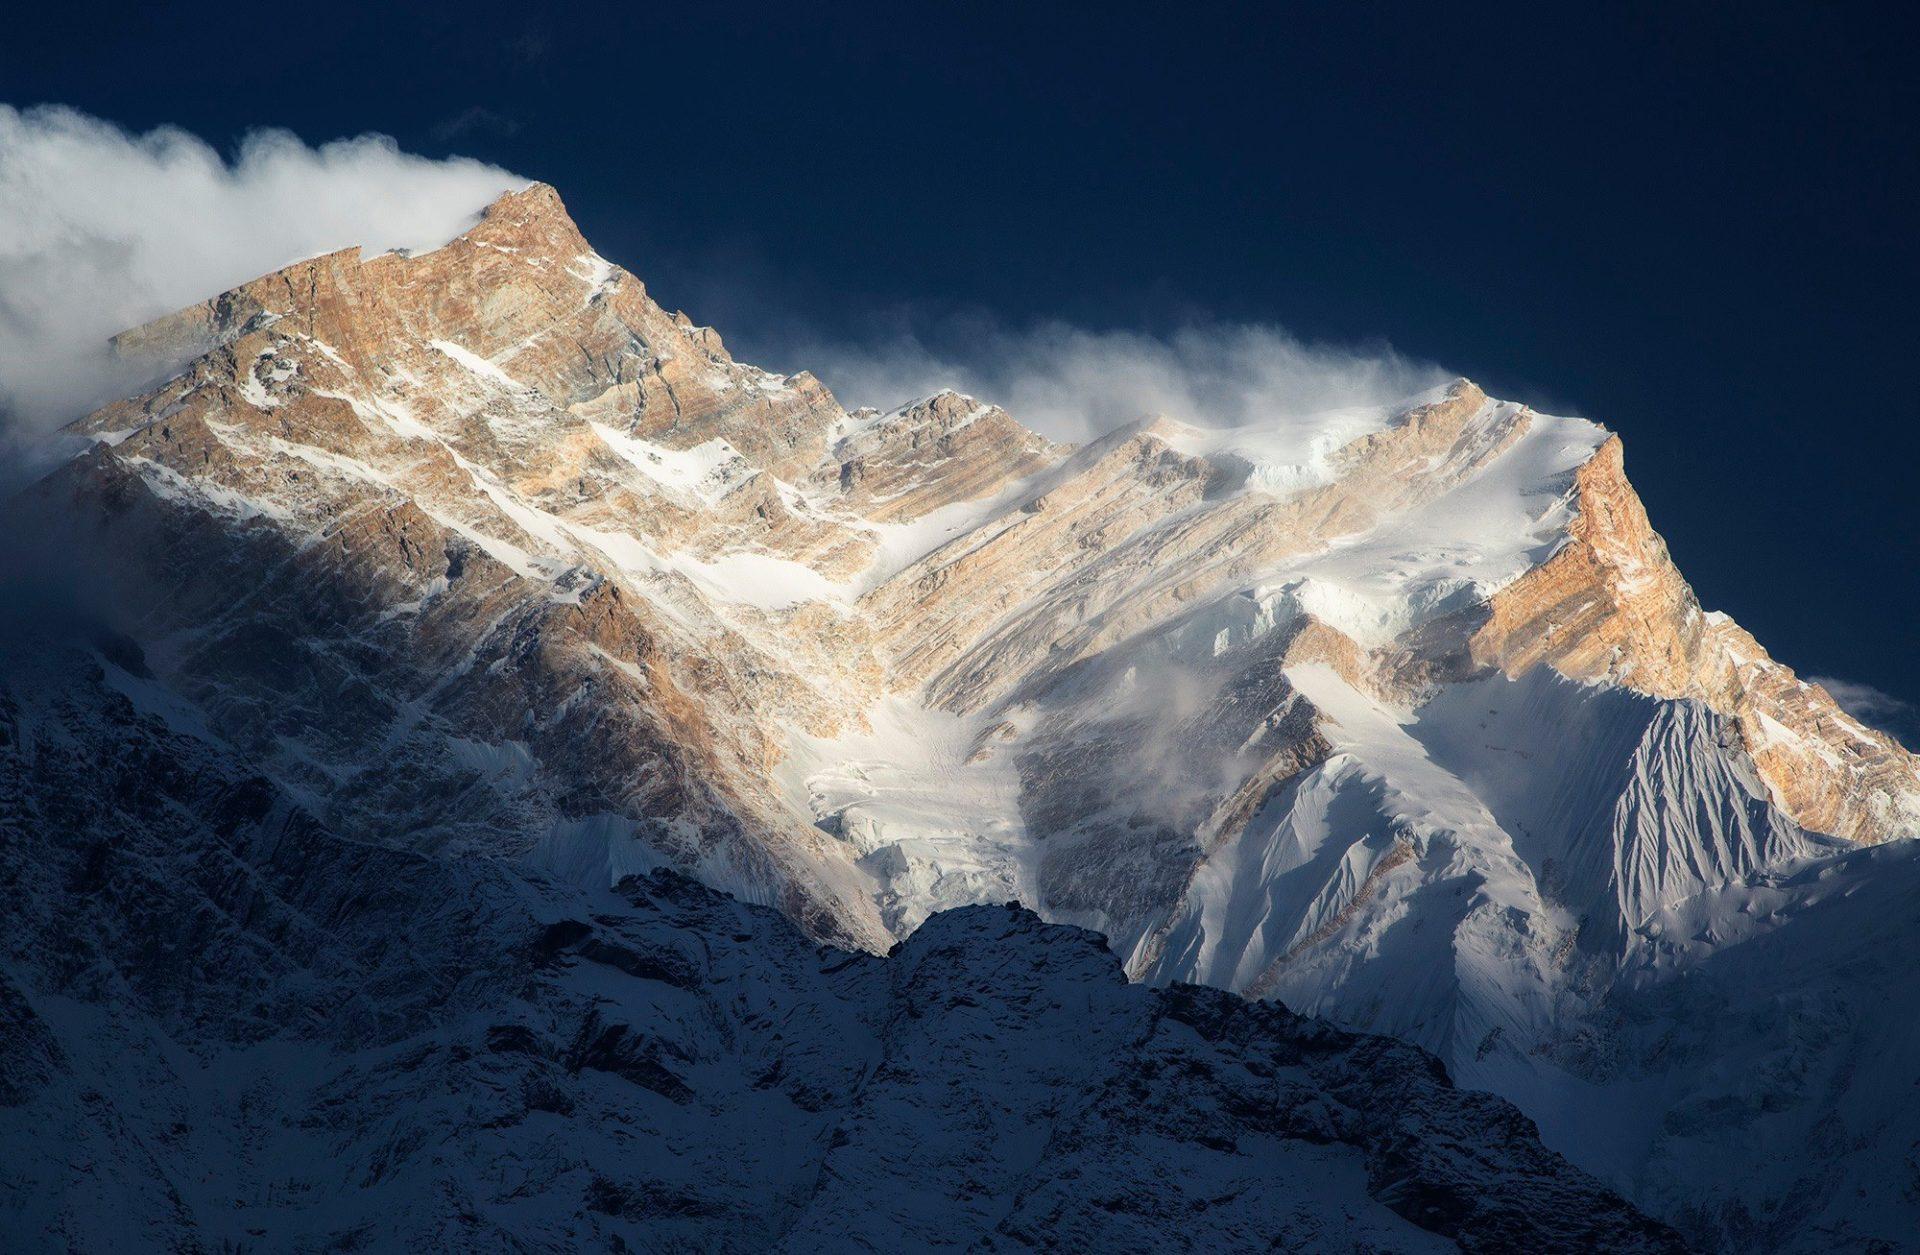 Fotografía de atardecer en el Annapurna